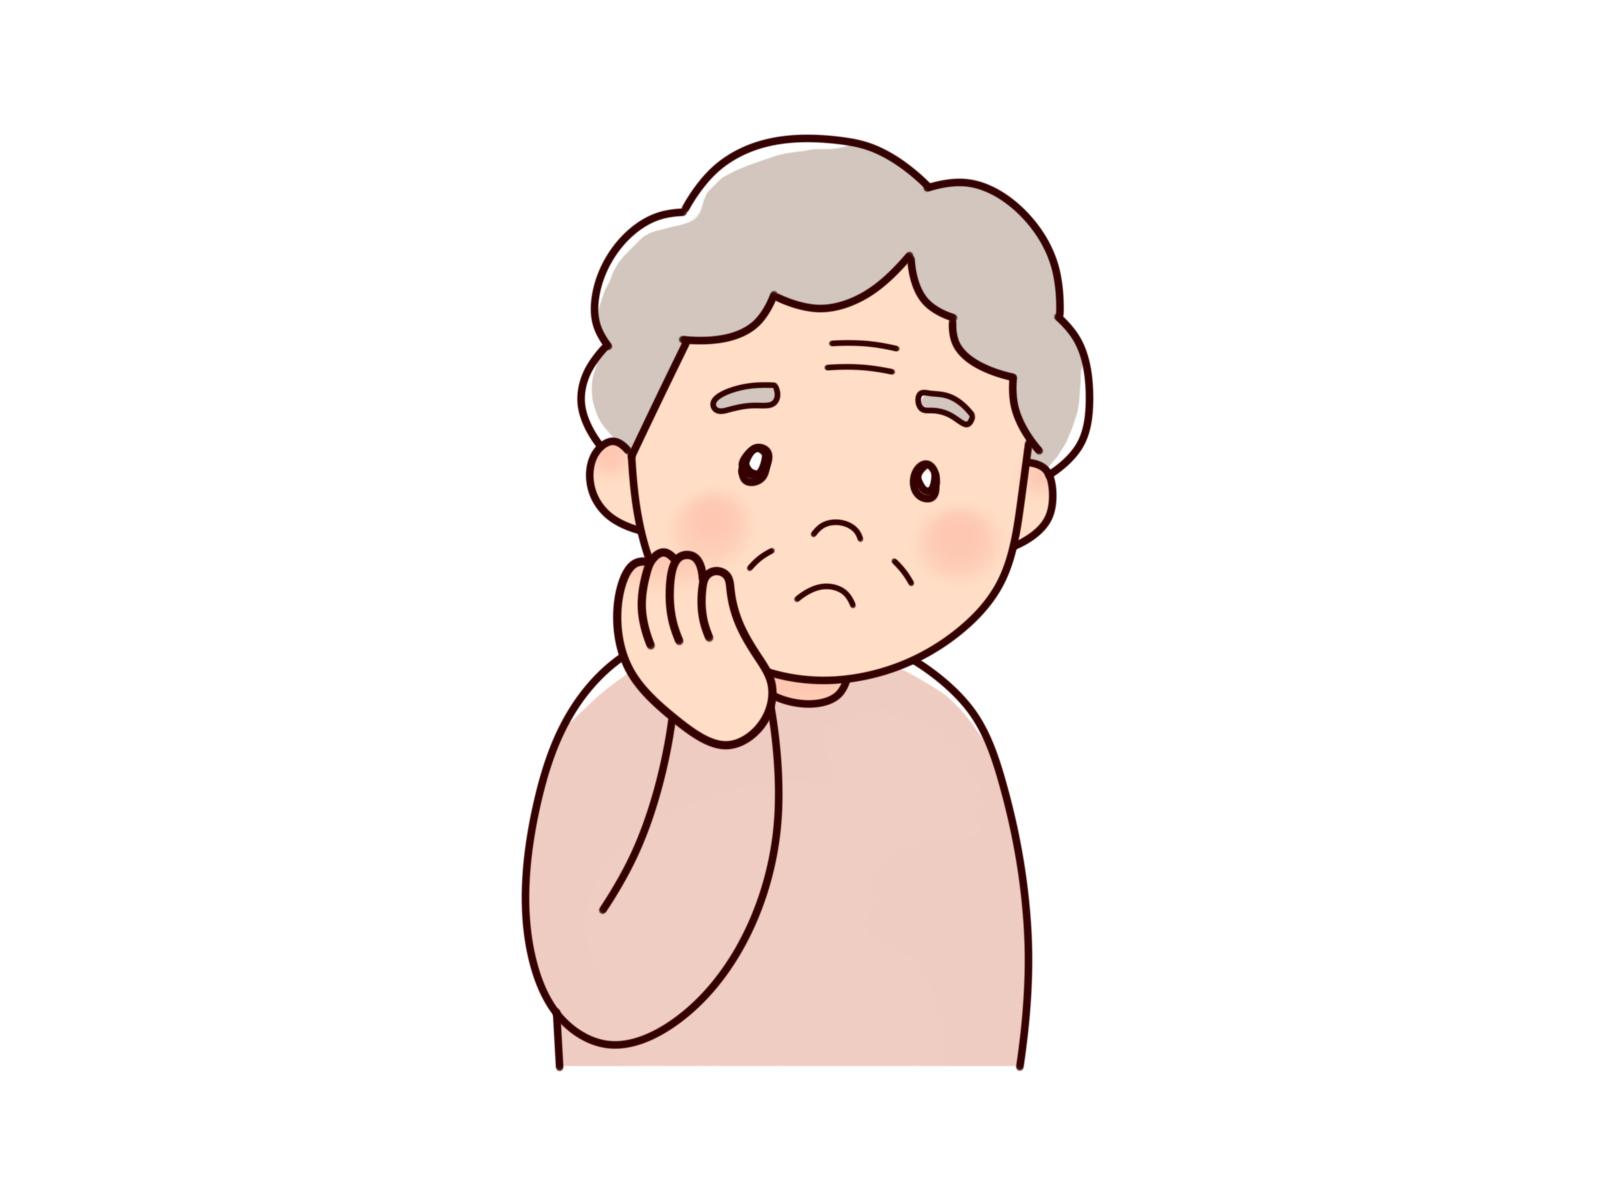 レビー小体型認知症の症状について詳しく解説します